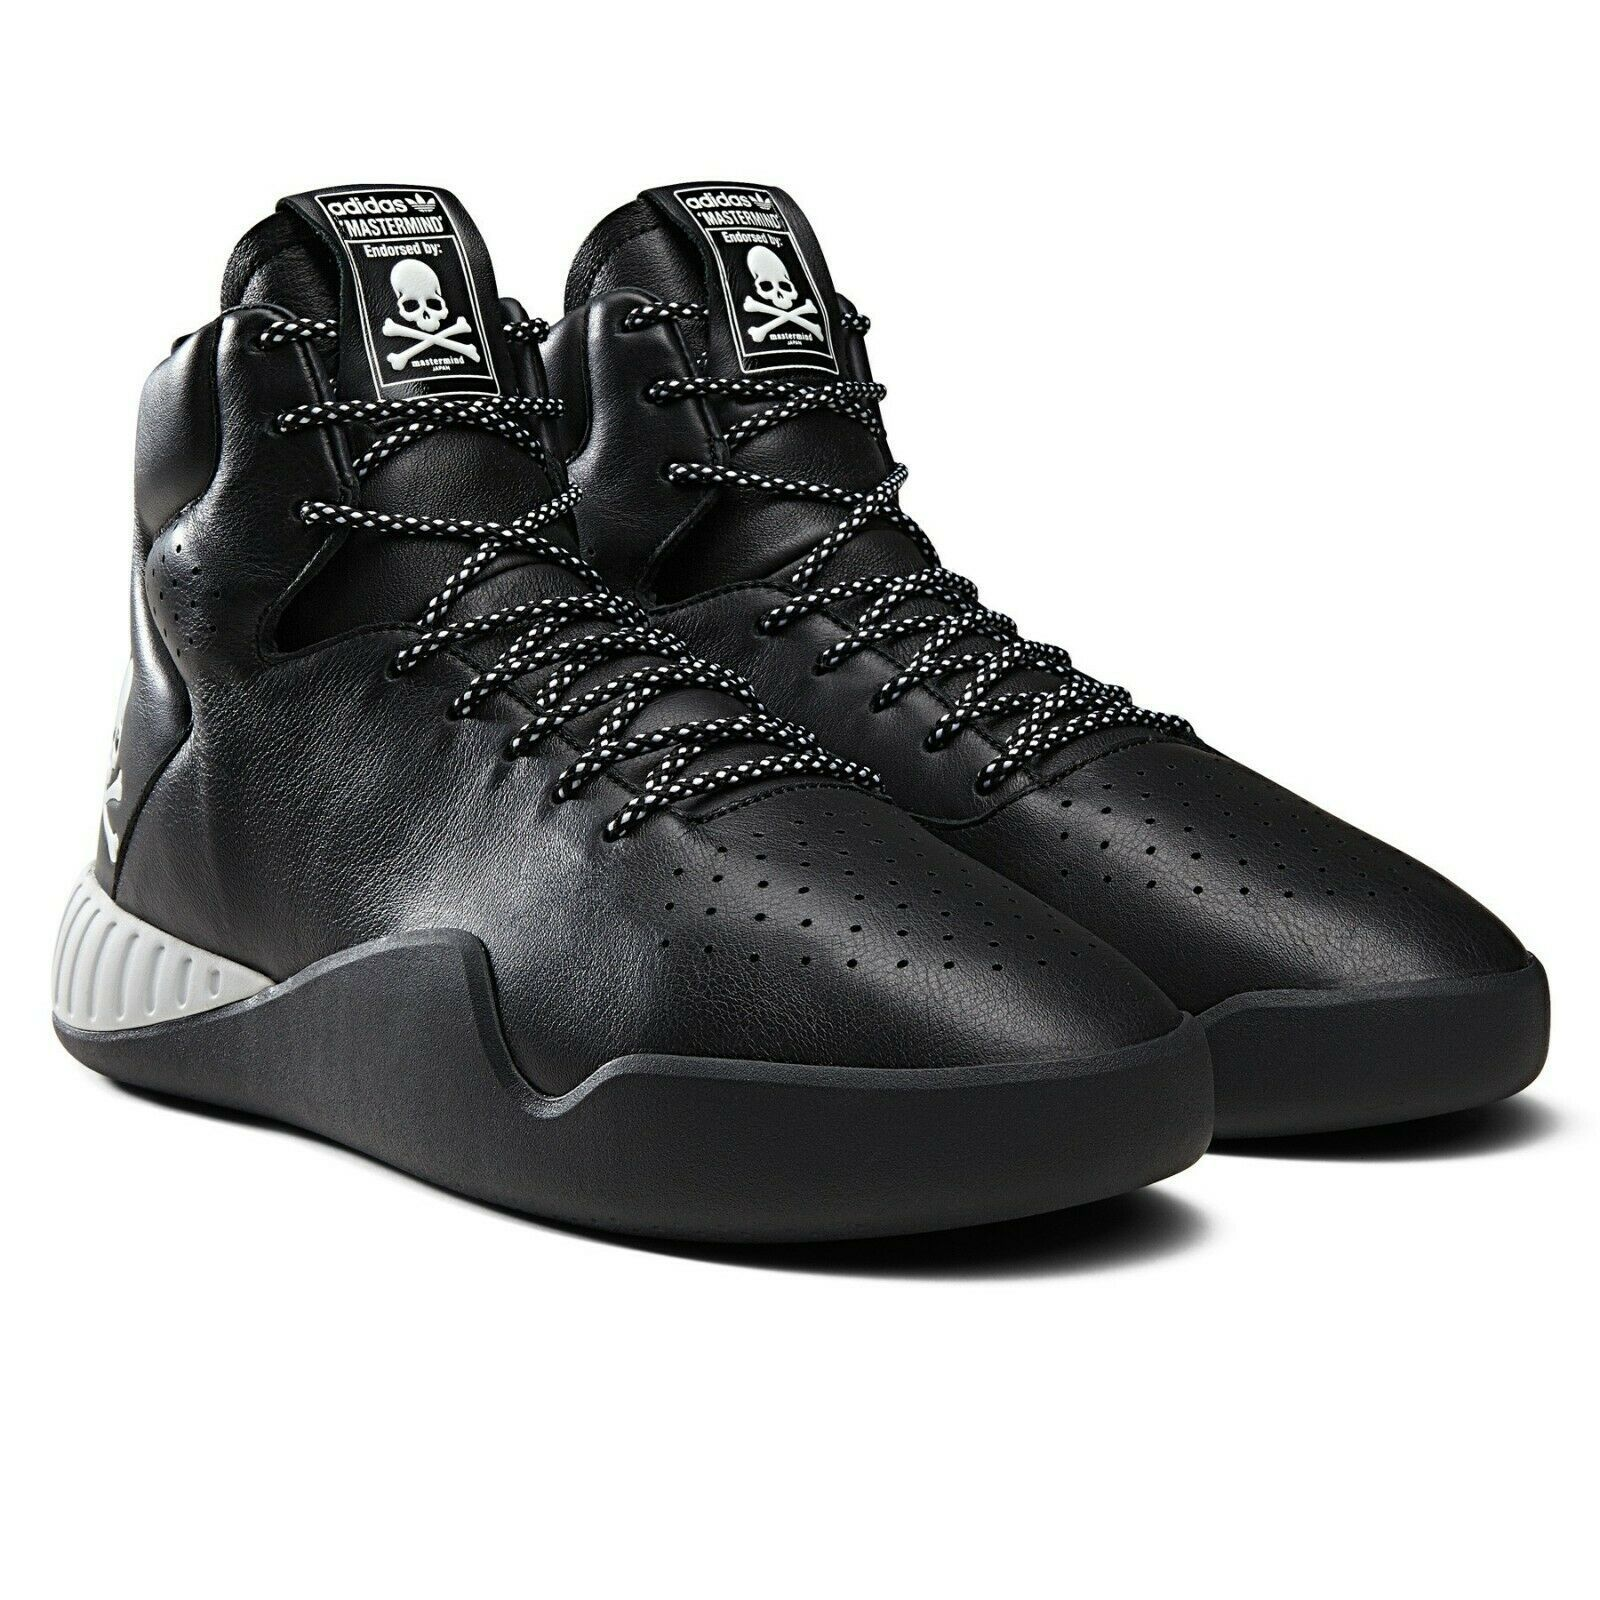 Adidas Mastermind Japan X Tubular Instinct BA9727 Black Mens Size 10.5 image 2